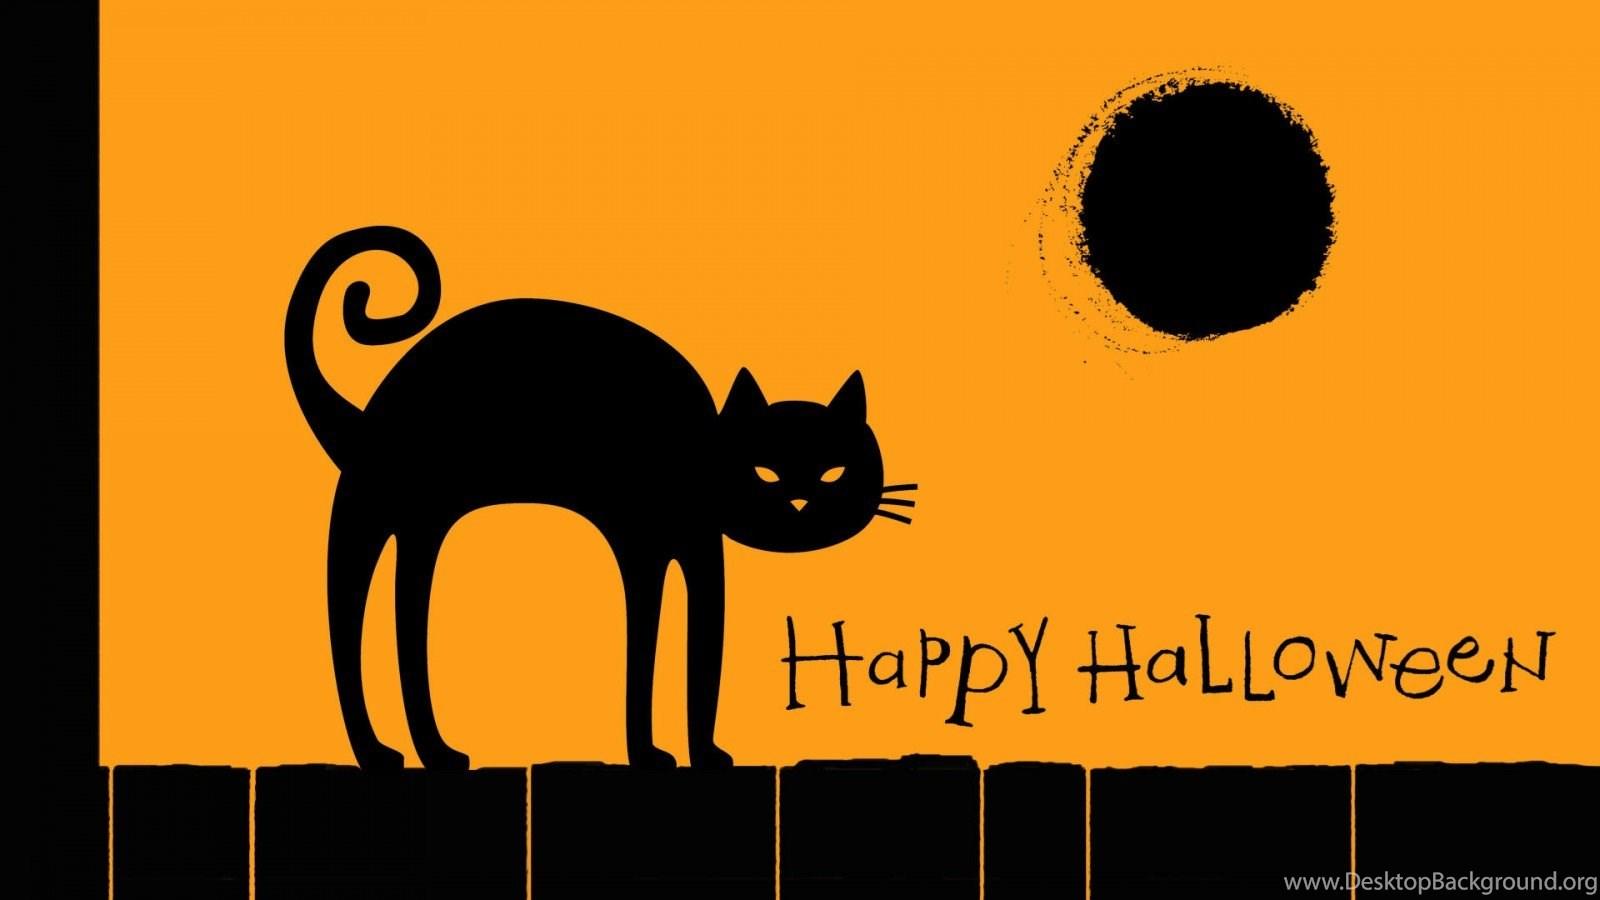 Black Cat Happy Halloween 1600x900 Wallpapers Imgprix Desktop Background